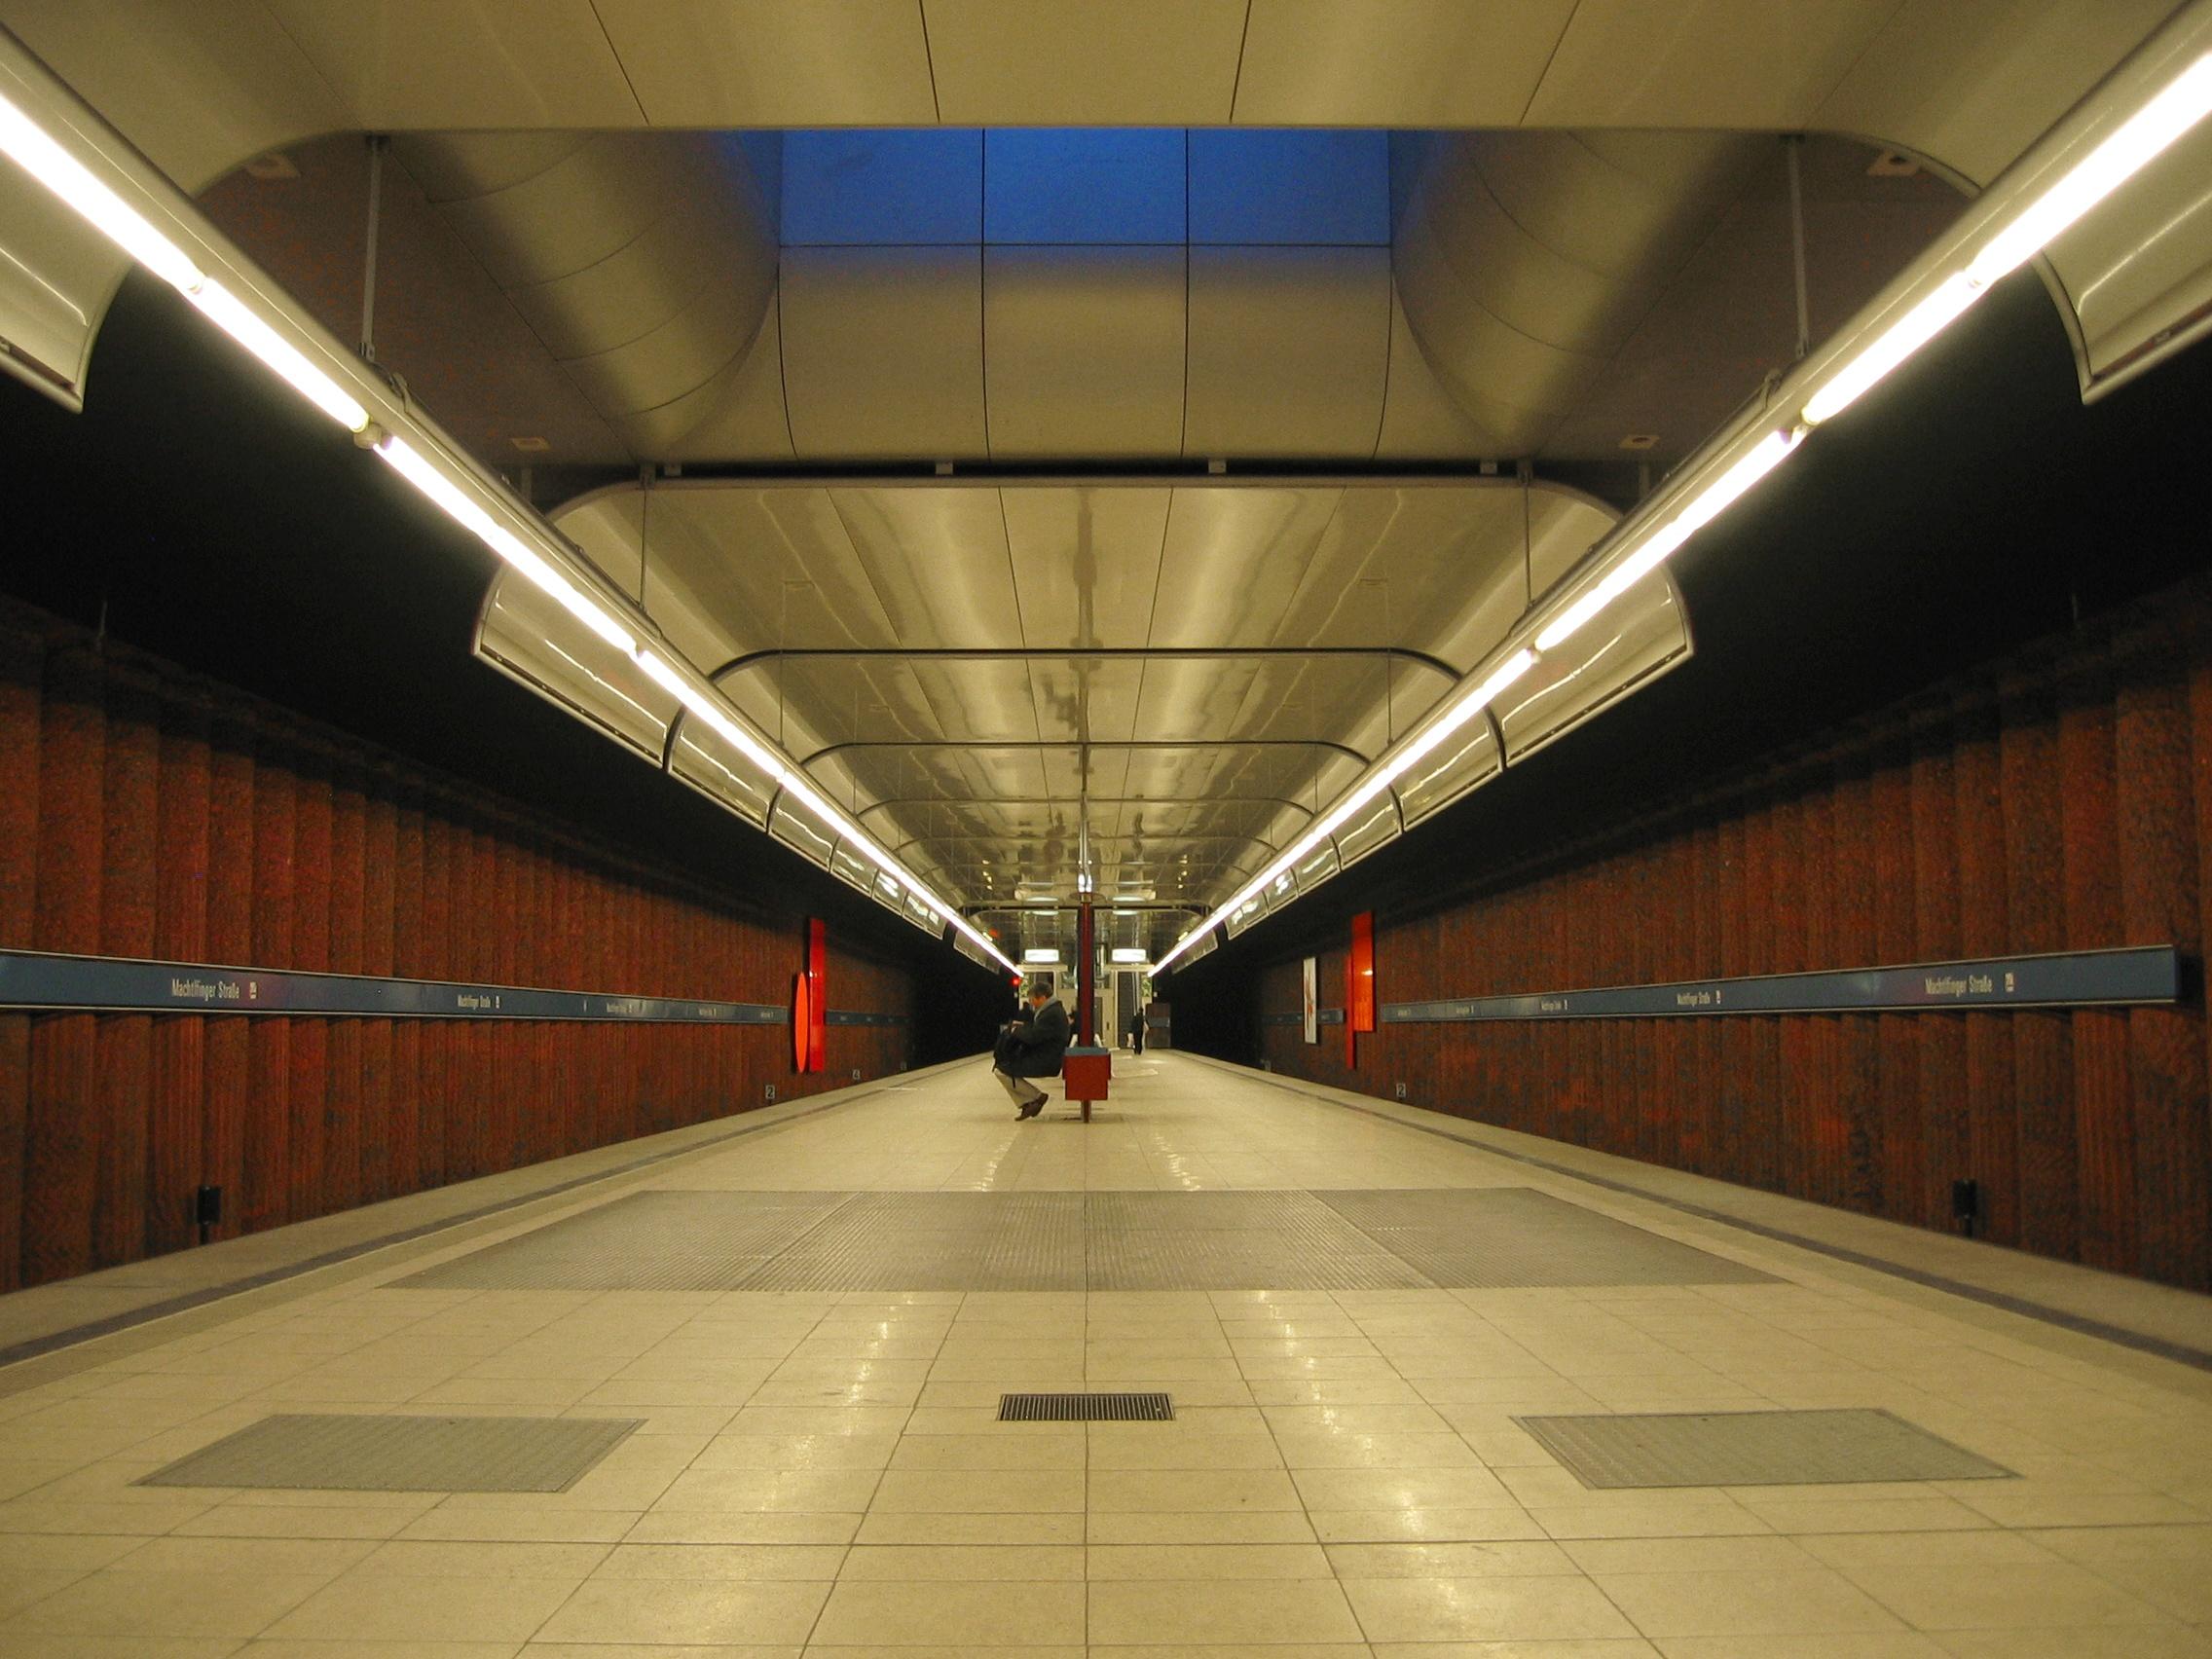 Список станций Мюнхенского метрополитена - это Что